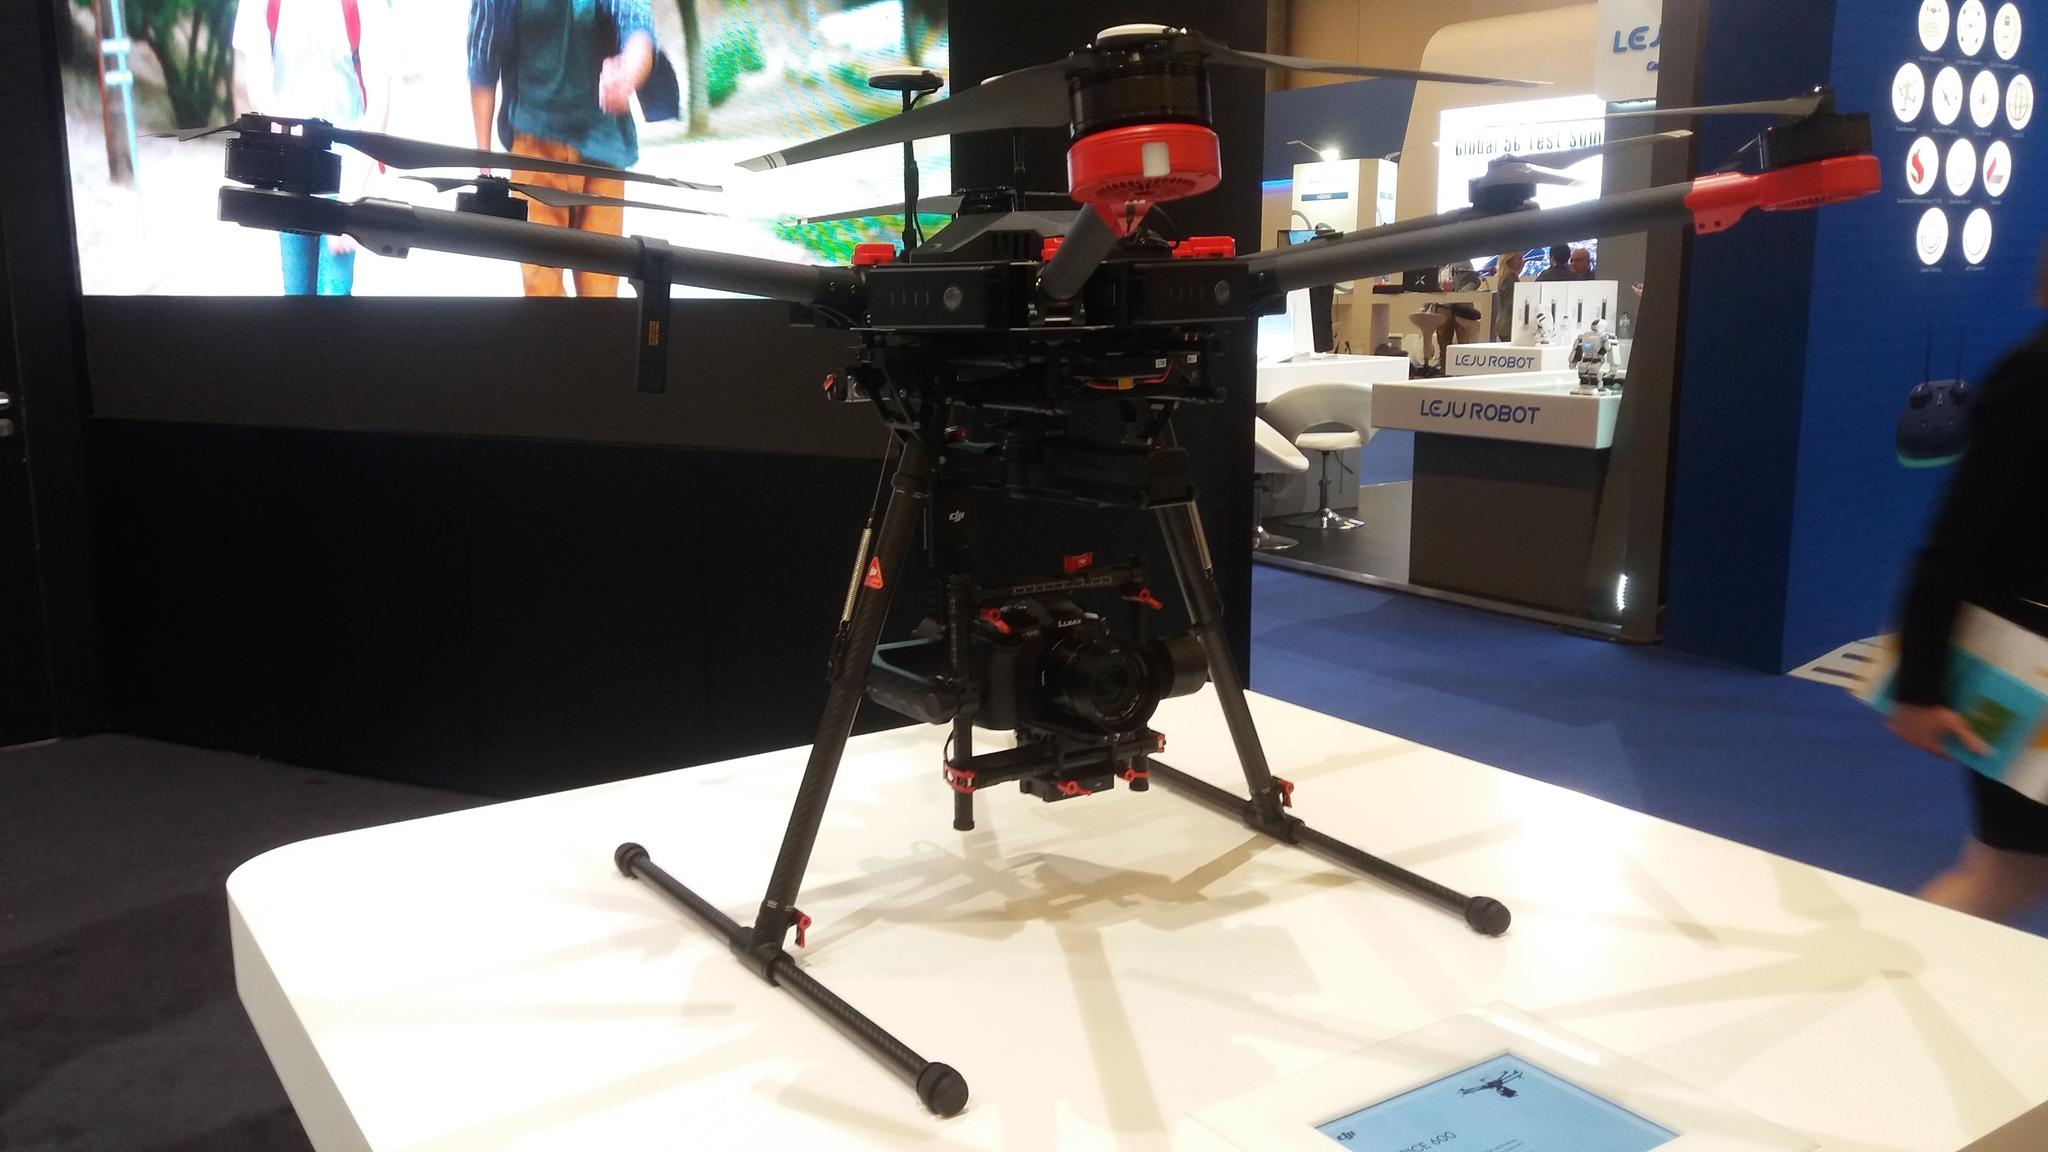 중국 DJI가 개발한 대형 산업용 드론 매트리스600. 김도년 기자